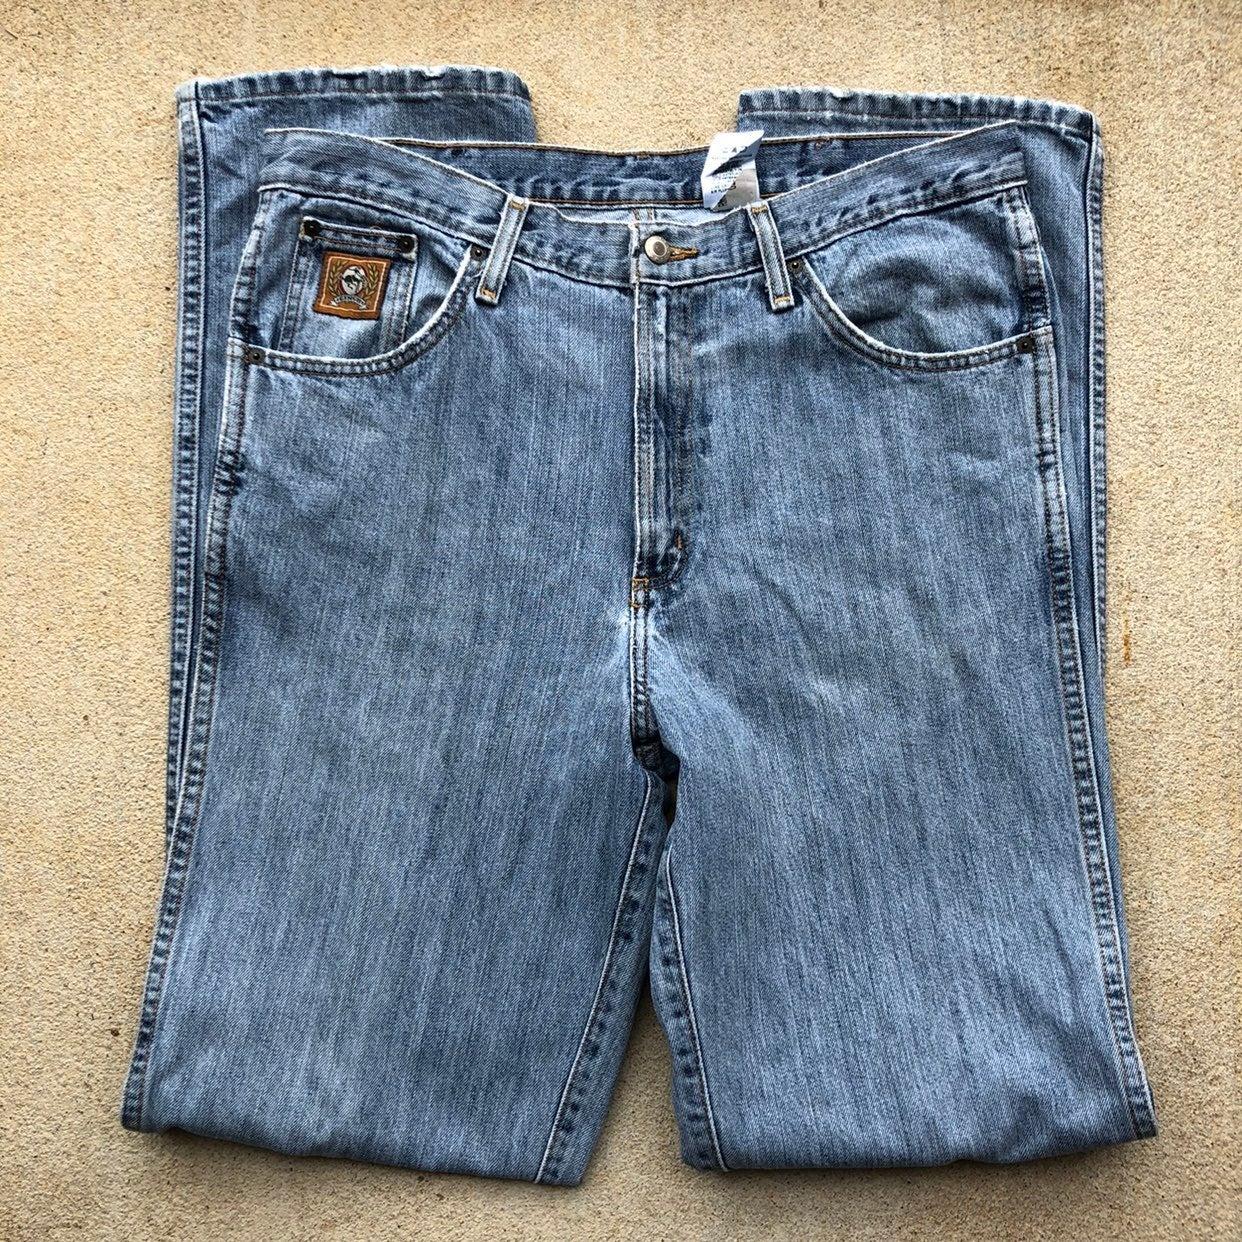 Cinch Cowboy Mens 35x36 Blue Jeans pants